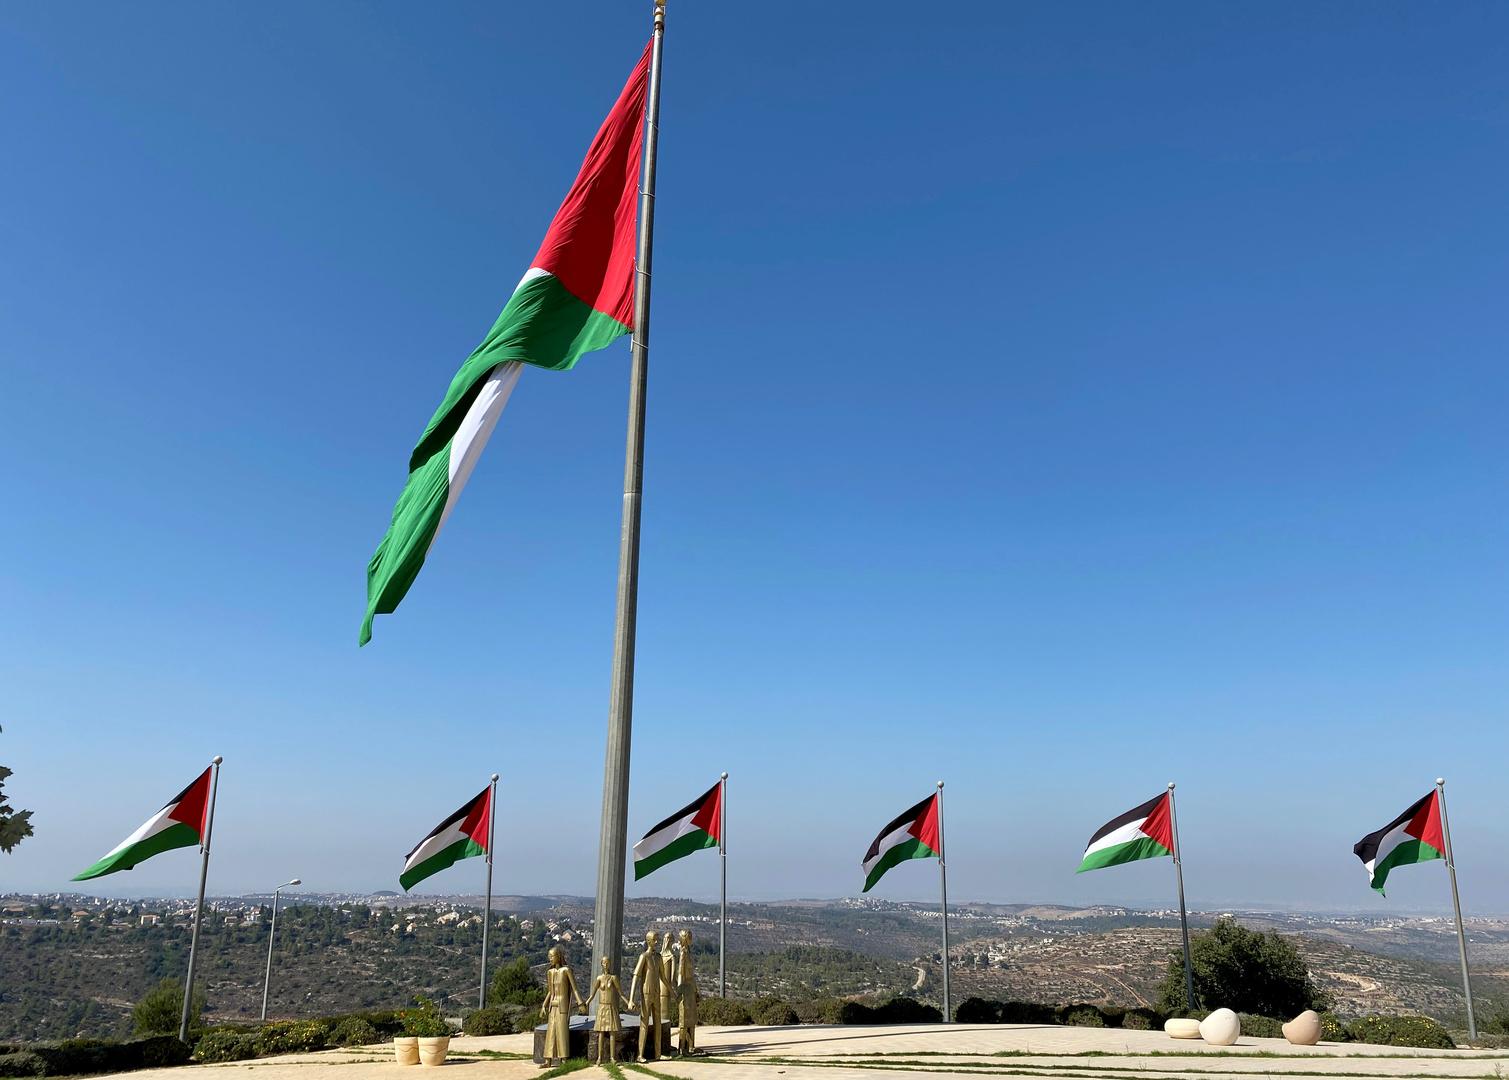 الصحة الفلسطينية ترفض استلام 20 طعما مضادا لكورونا من جهات إسرائيلية